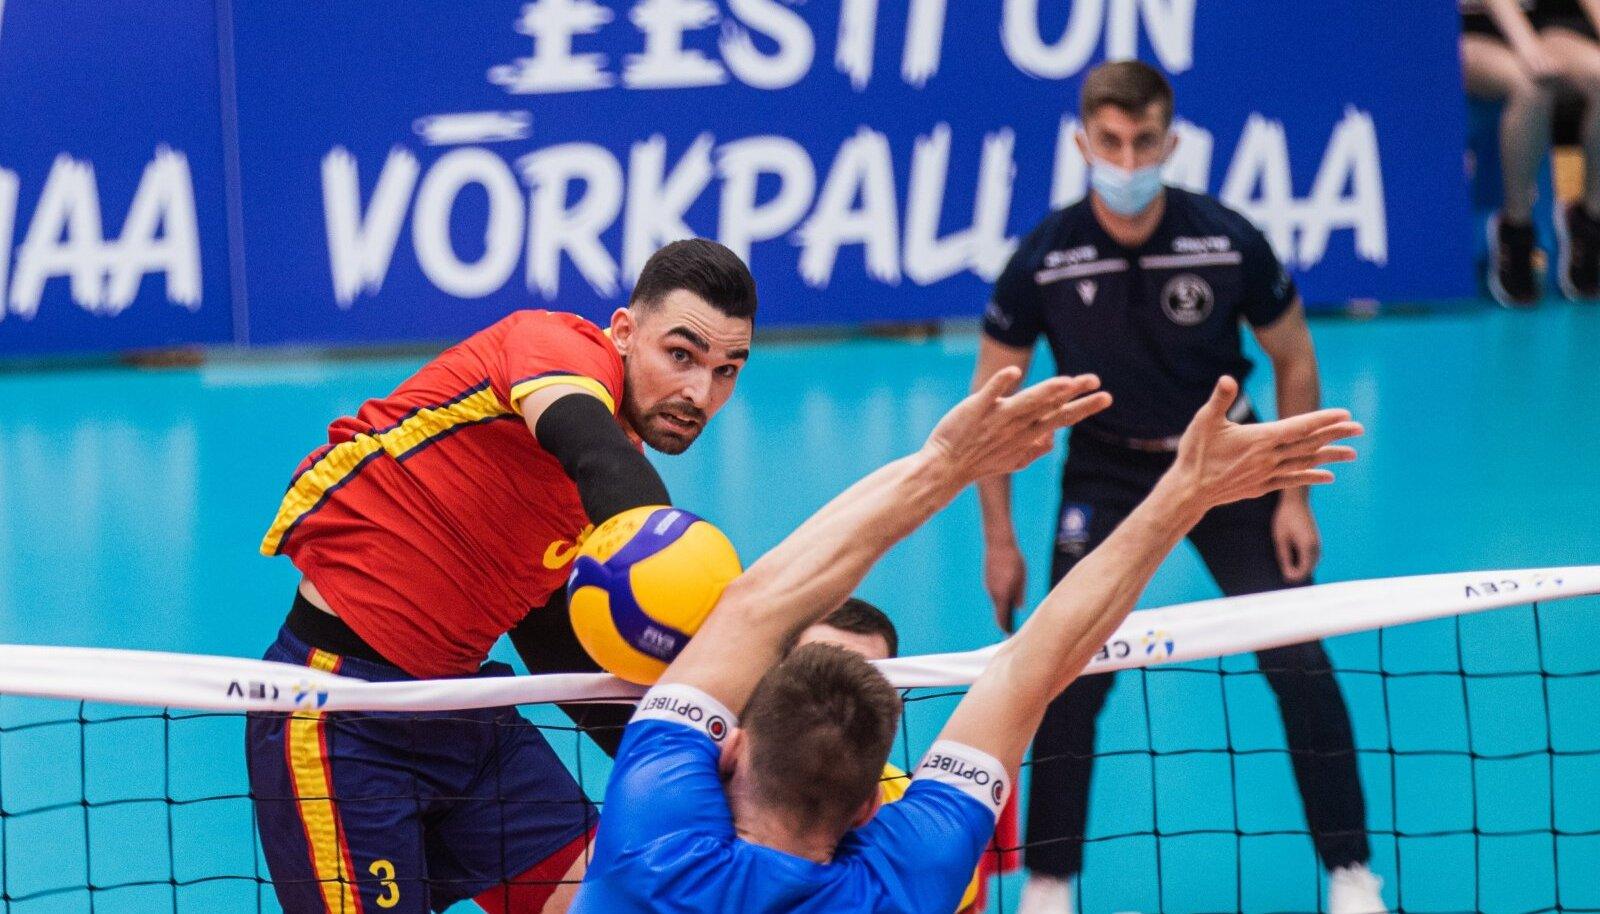 Euroopa Kuldliiga - Eesti vs Hispaania 28.05.21